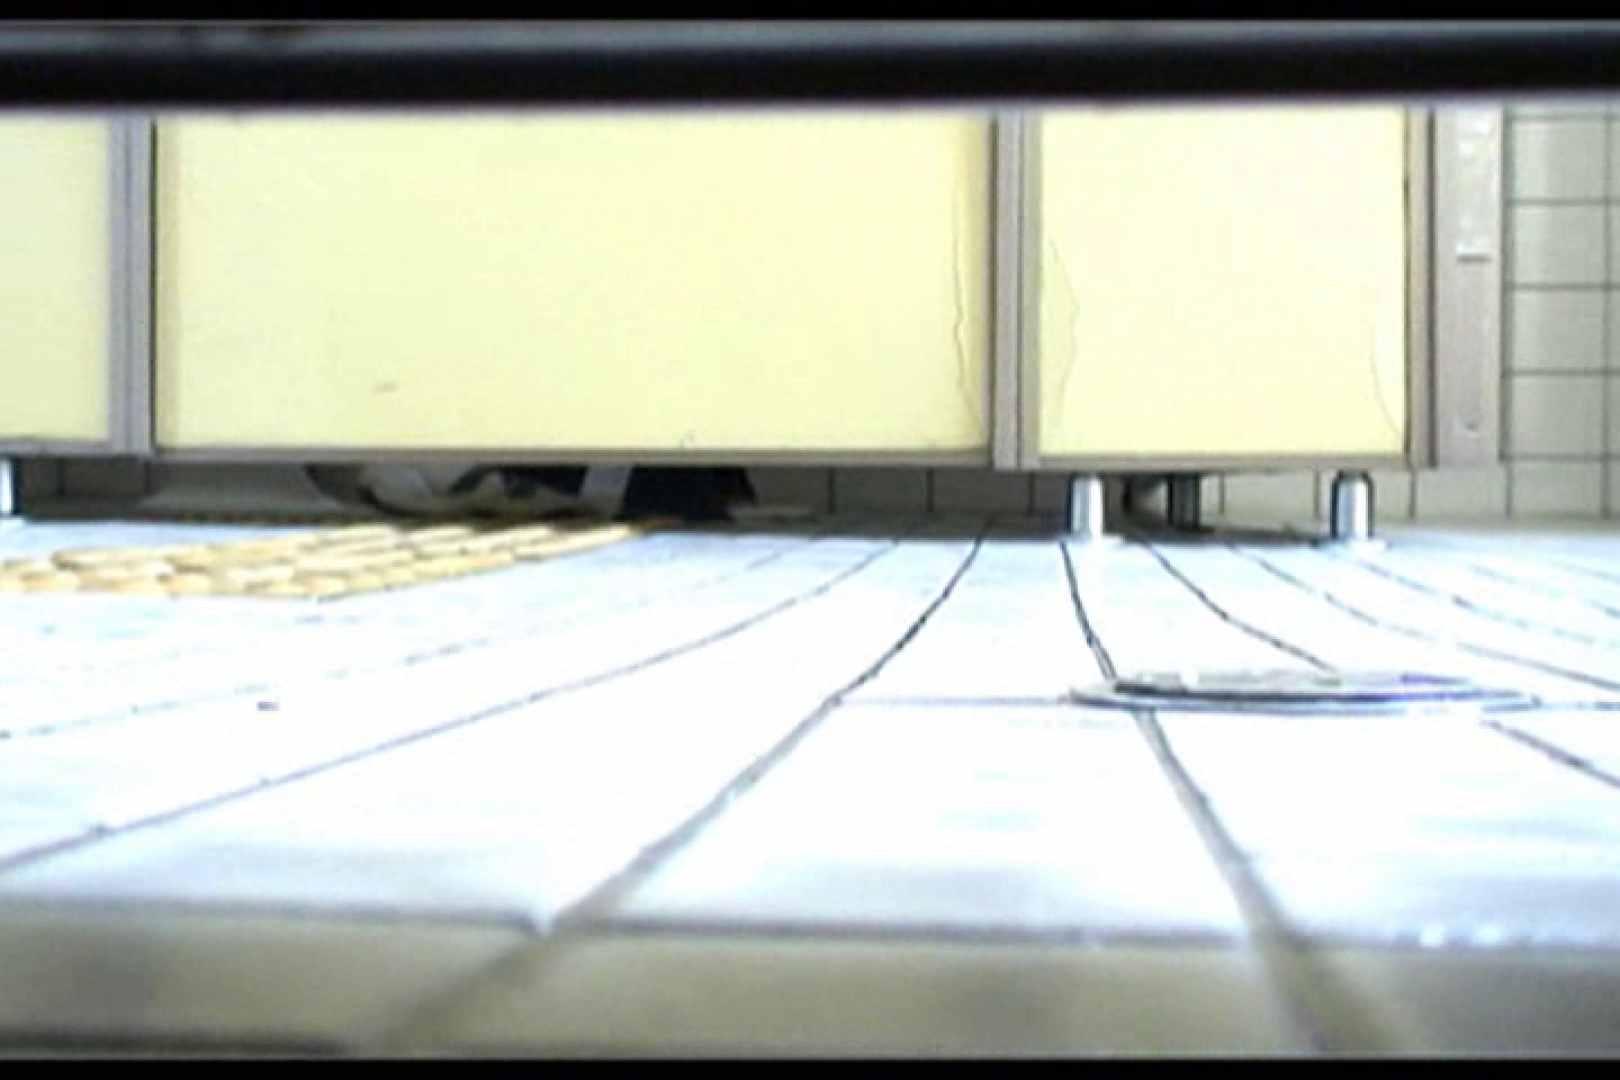 マンコ丸見え女子洗面所Vol.4 おまんこ無修正 アダルト動画キャプチャ 64画像 24